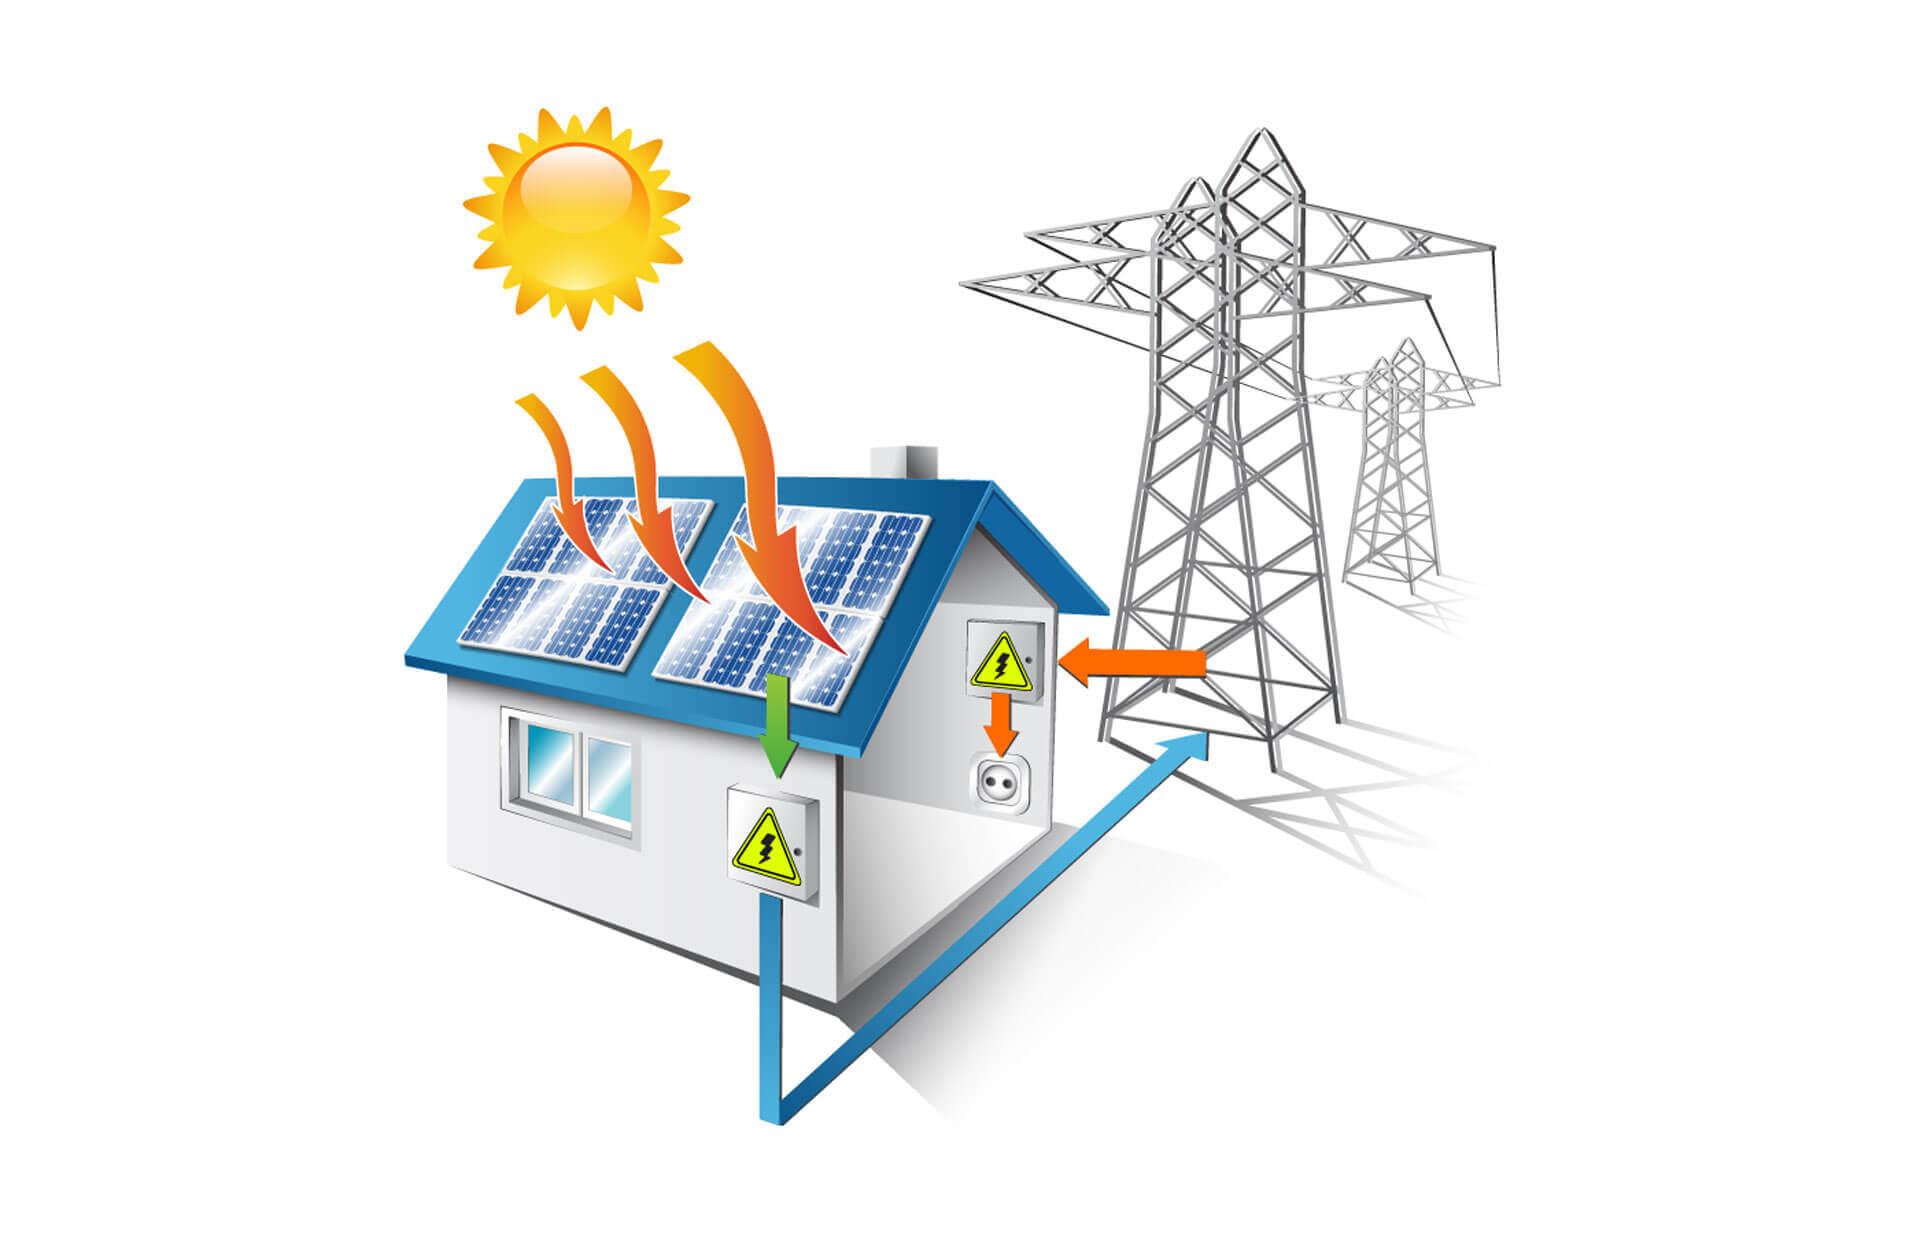 Napelemek hatásfoka, napelem rendszer tévhit, napelemes tévhitek